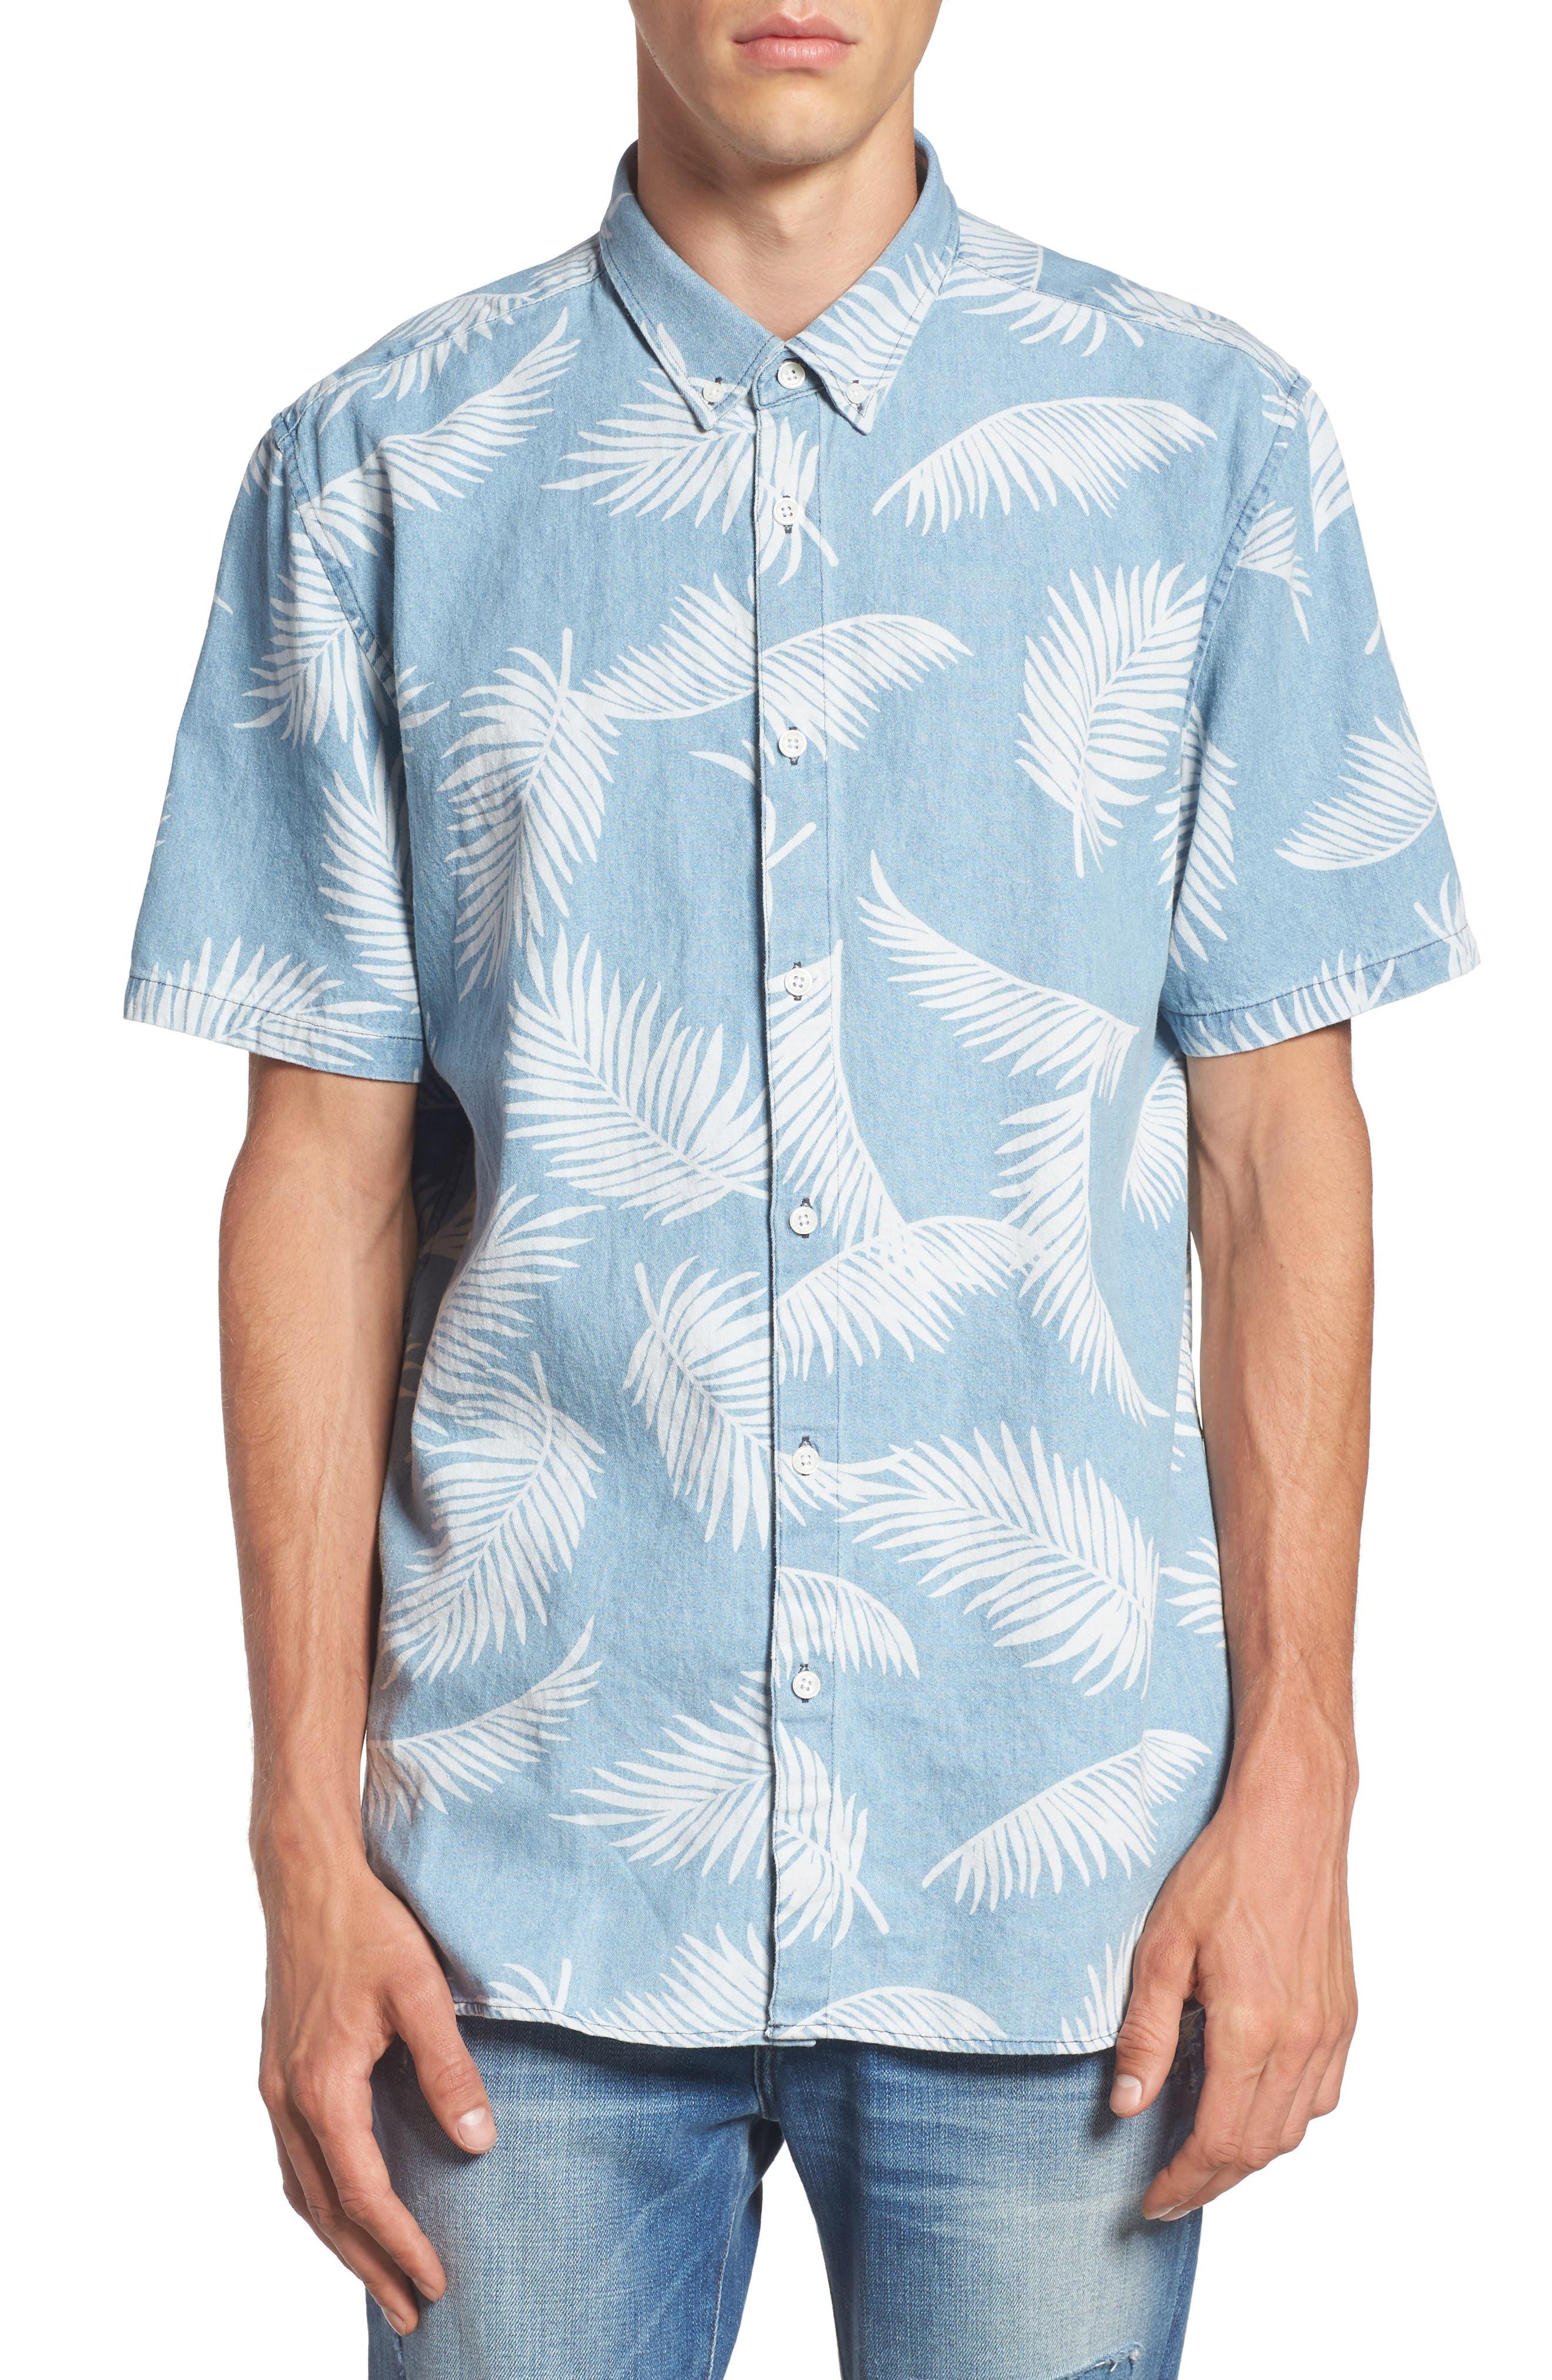 Bahamas Shirt,                             Main thumbnail 1, color,                             Indigo/ Floral